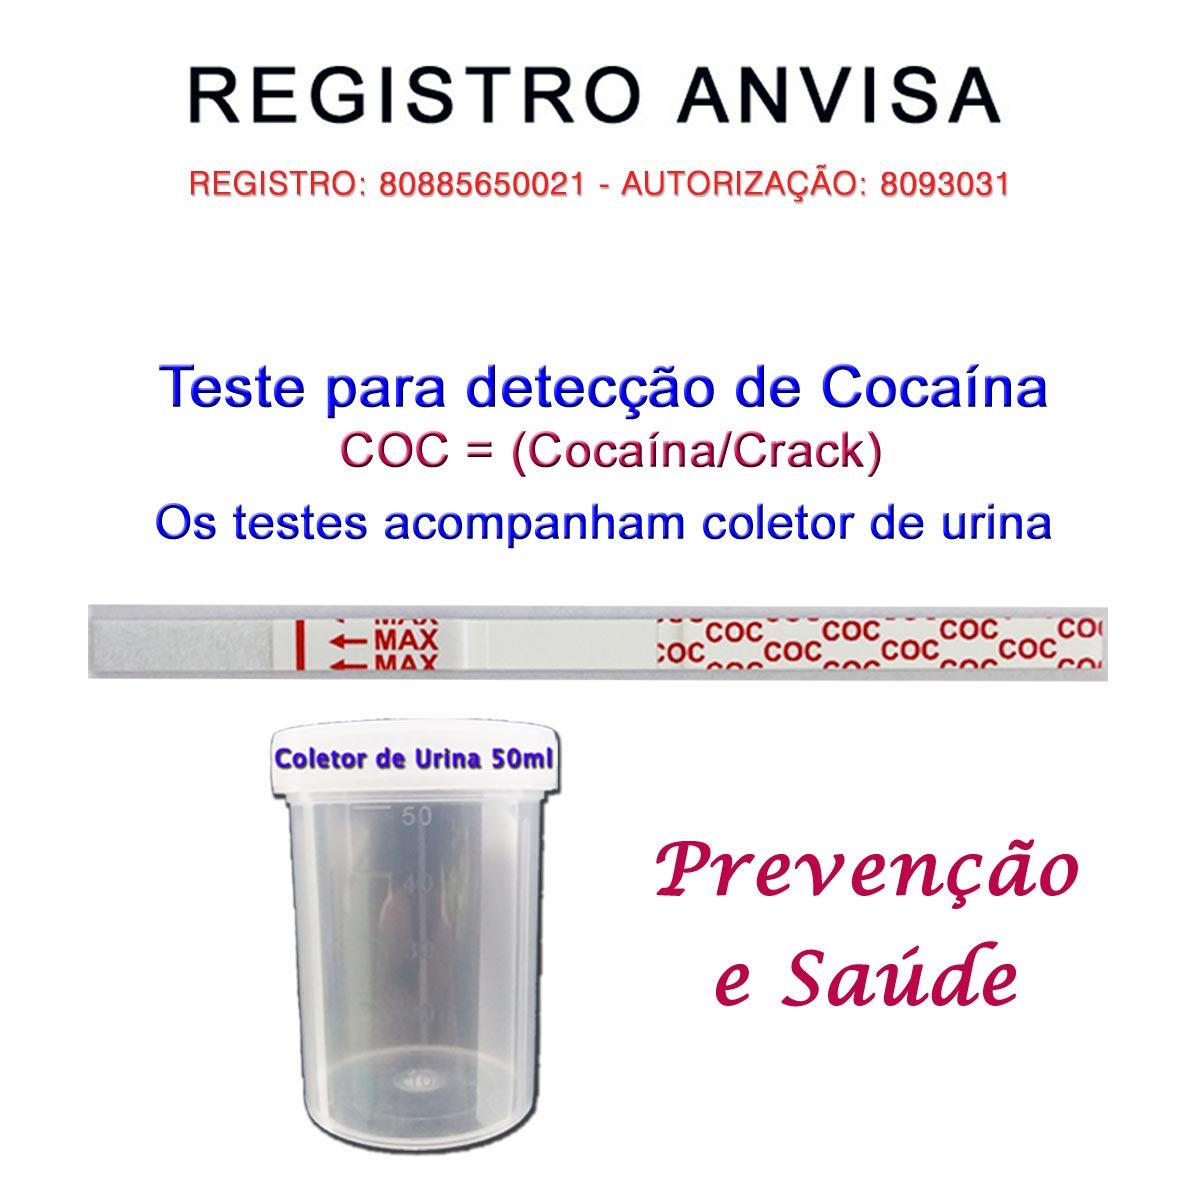 10 Kits para teste de COC-CRACK  - Loja Saúde - Diagnósticos e Produtos Naturais